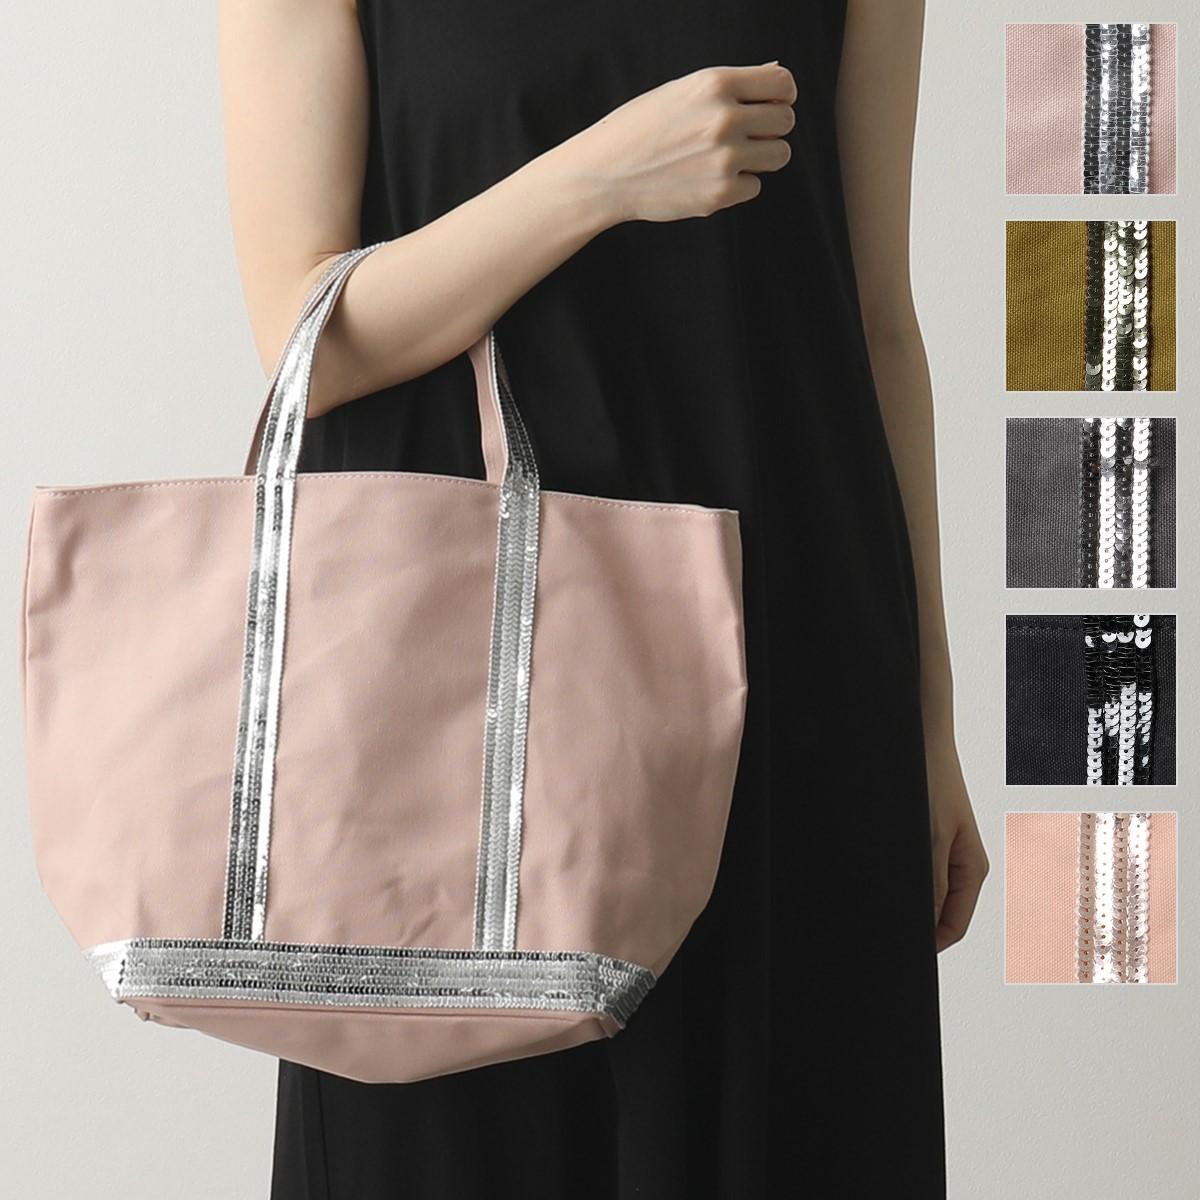 vanessabruno ヴァネッサブリューノ 0PVE01 V40413 CABAS MOYEN カラー4色 A4サイズ キャンバス スパンコール装飾 トートバッグM 鞄 レディース